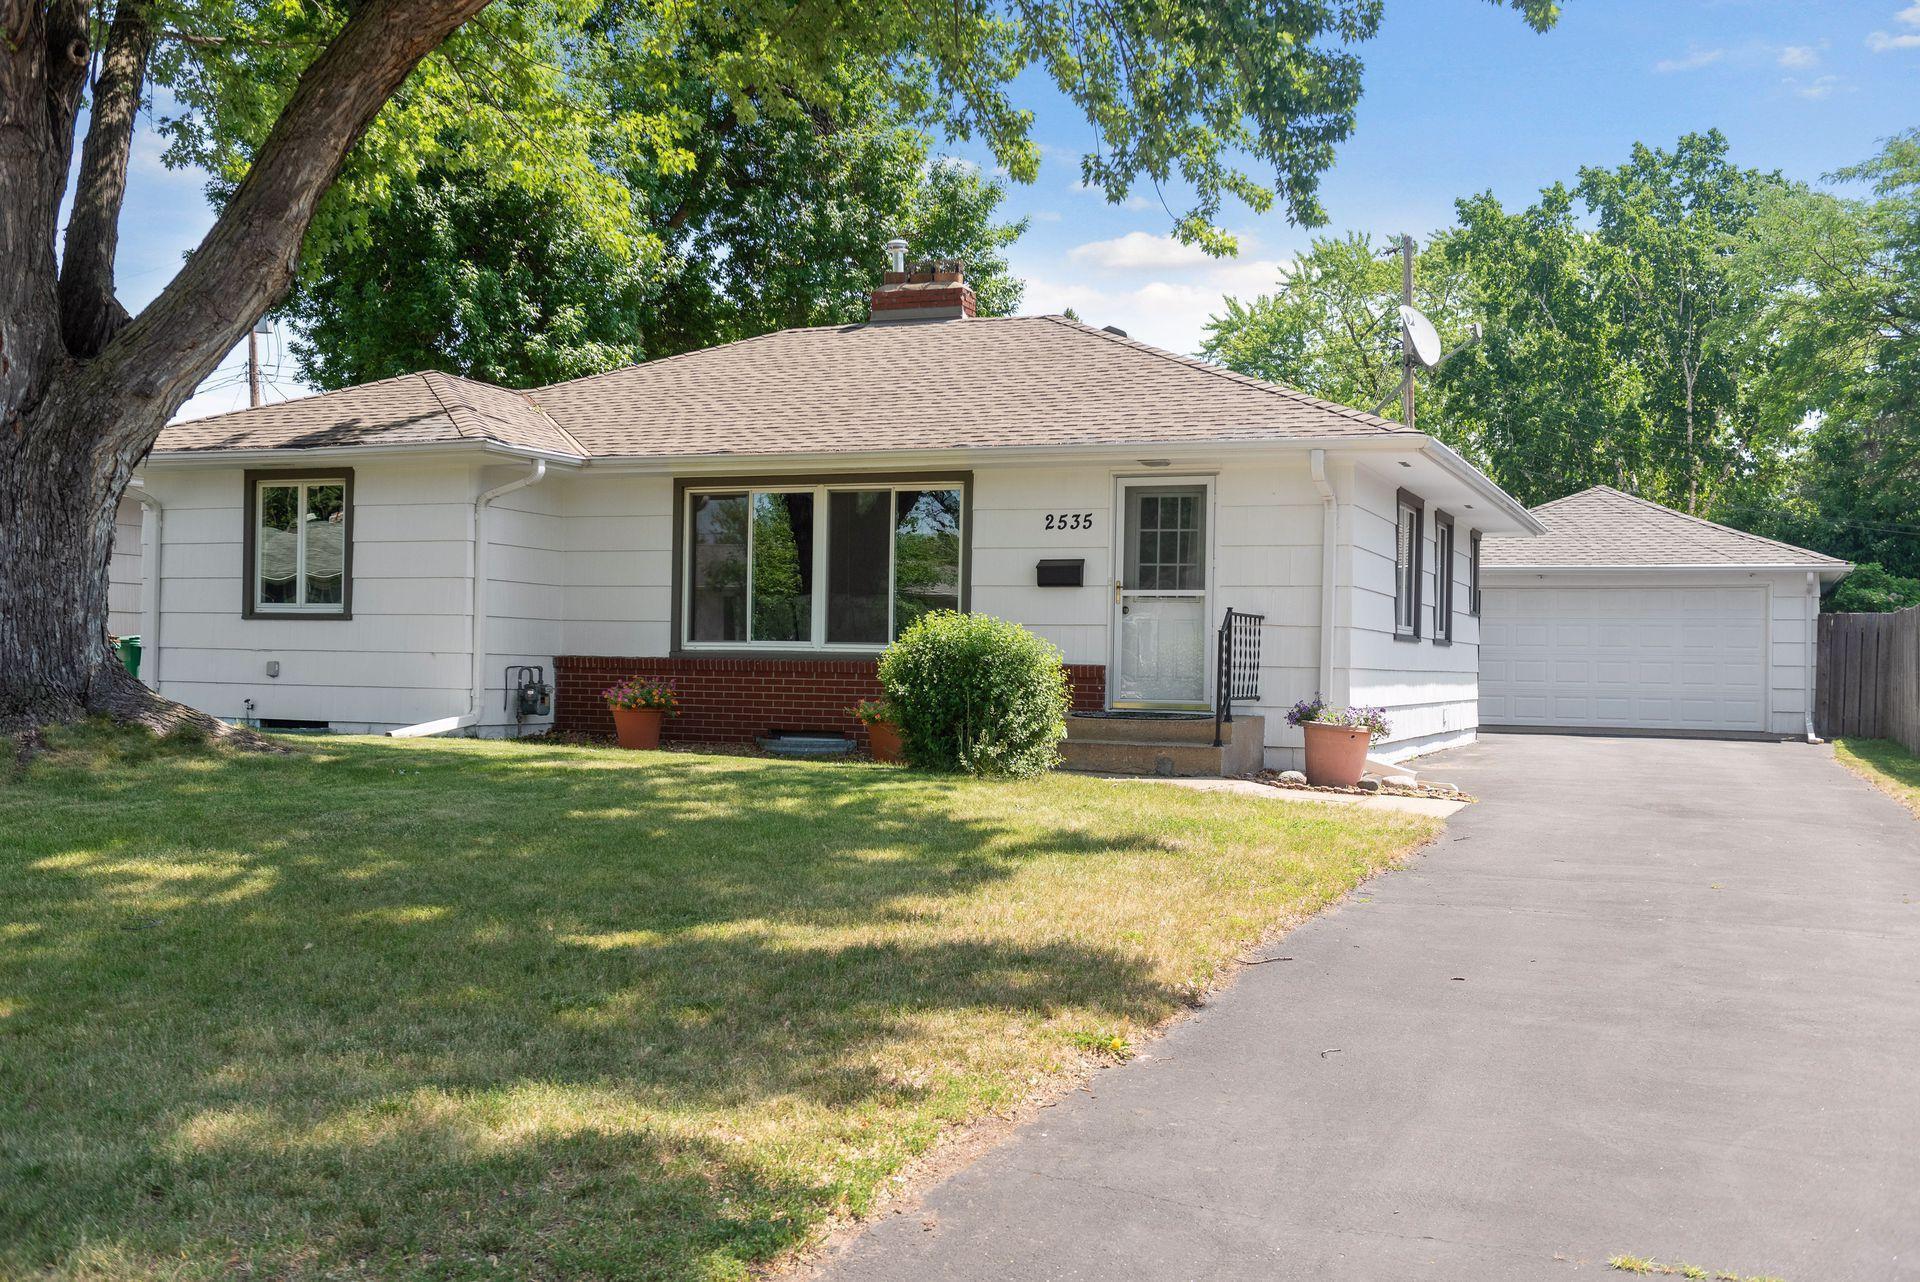 2535 Zinran Avenue S, MN 55426